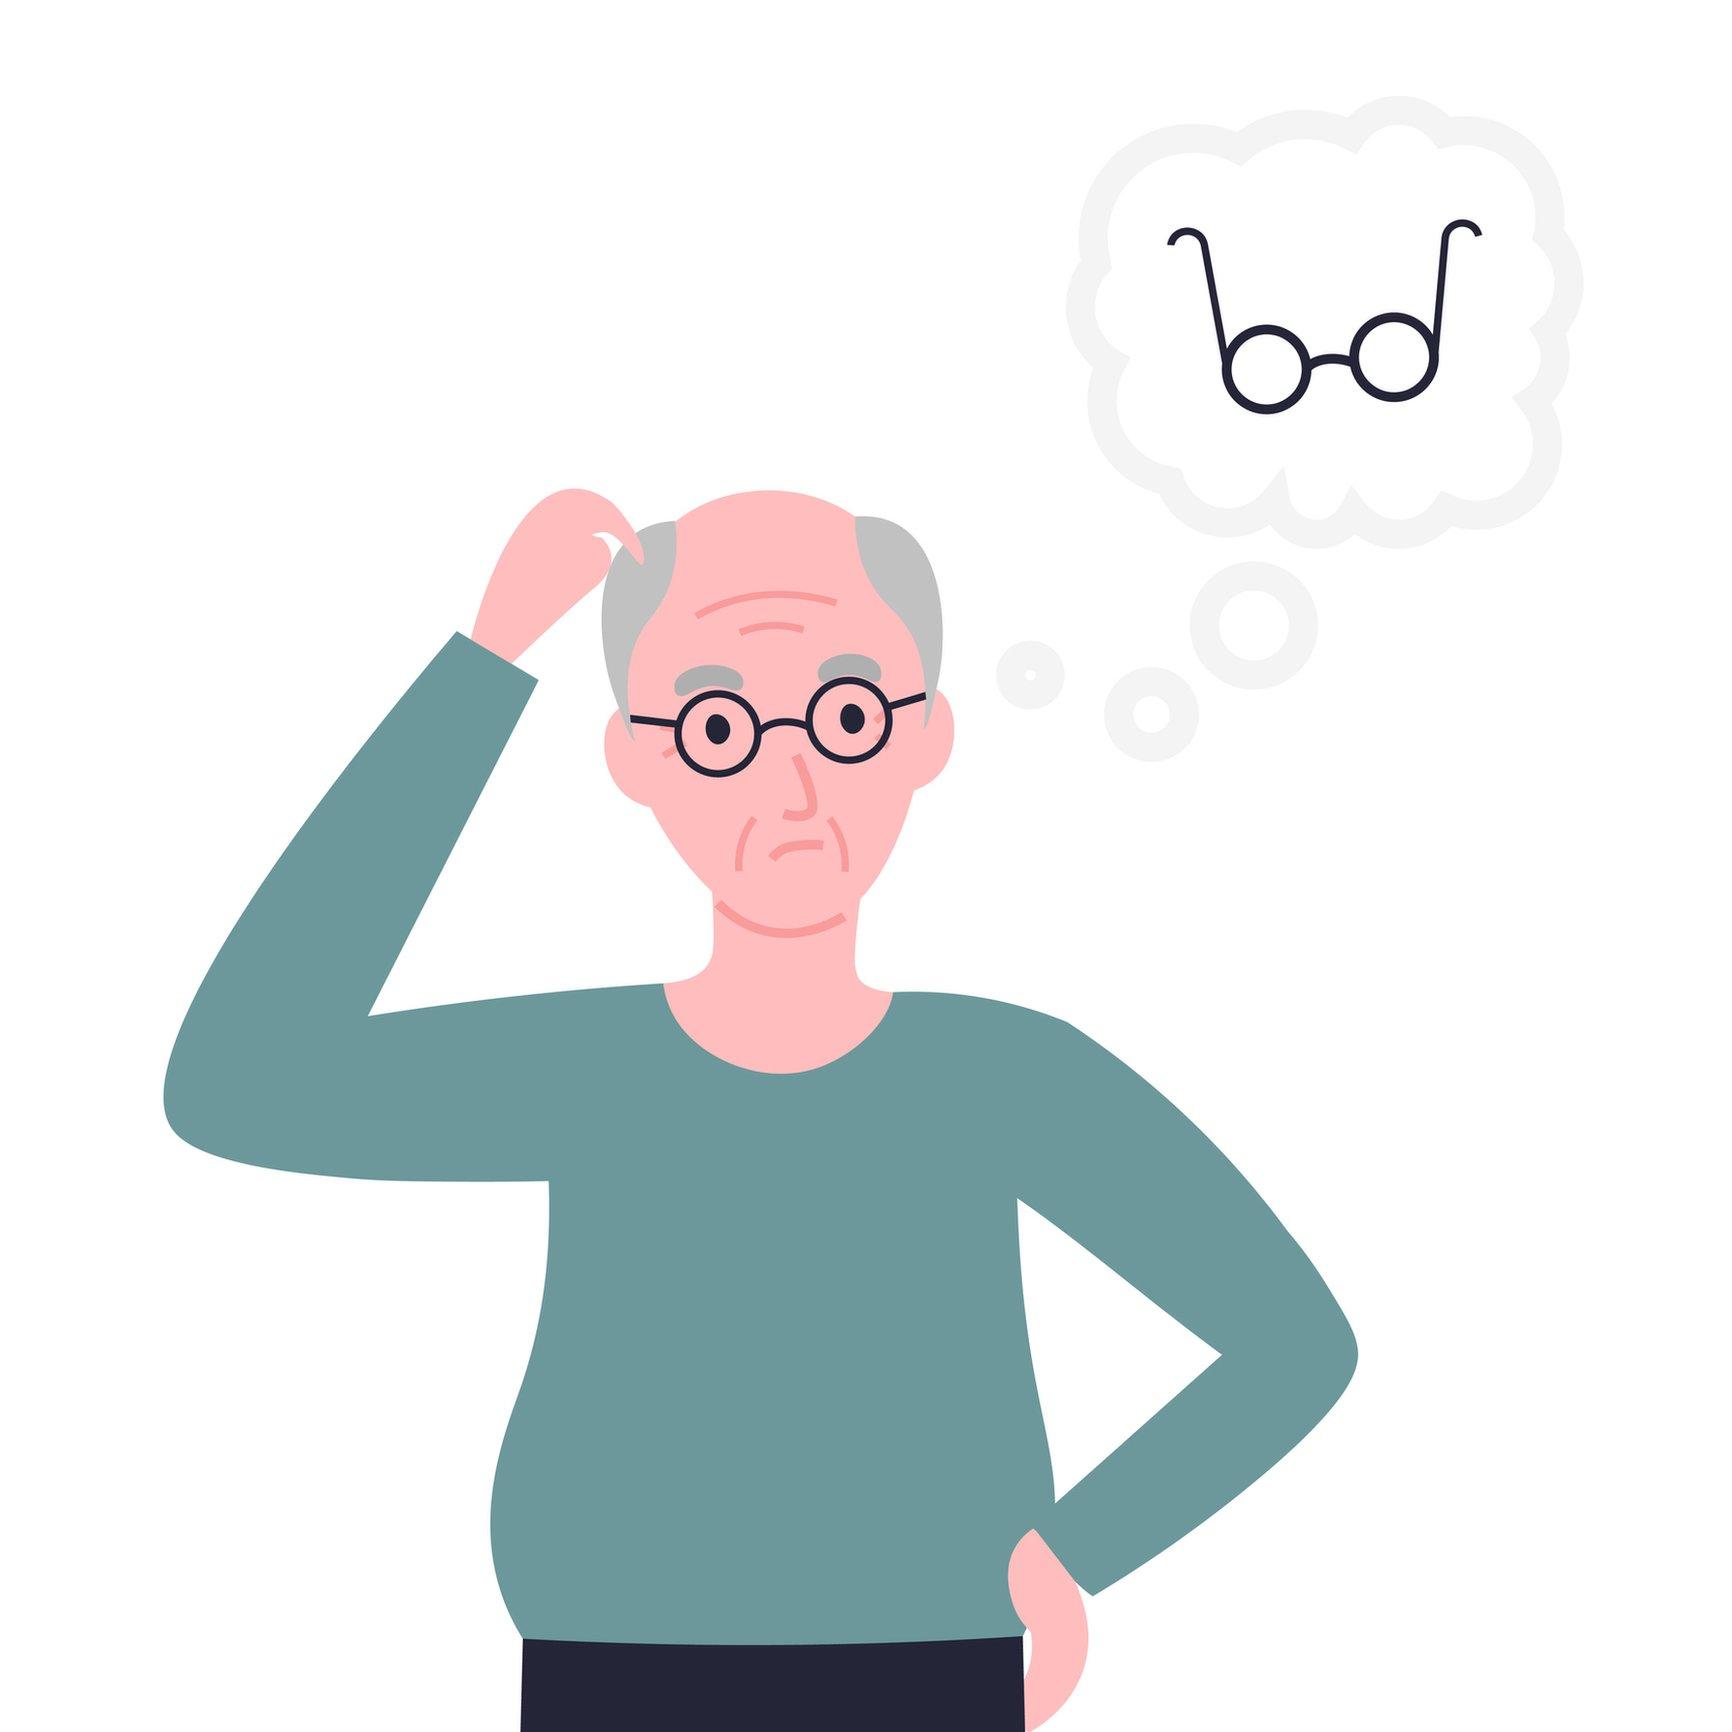 Ilustración de un hombre no pudiendo recordar dónde tiene sus anteojos cuando en realidad los lleva puestos.